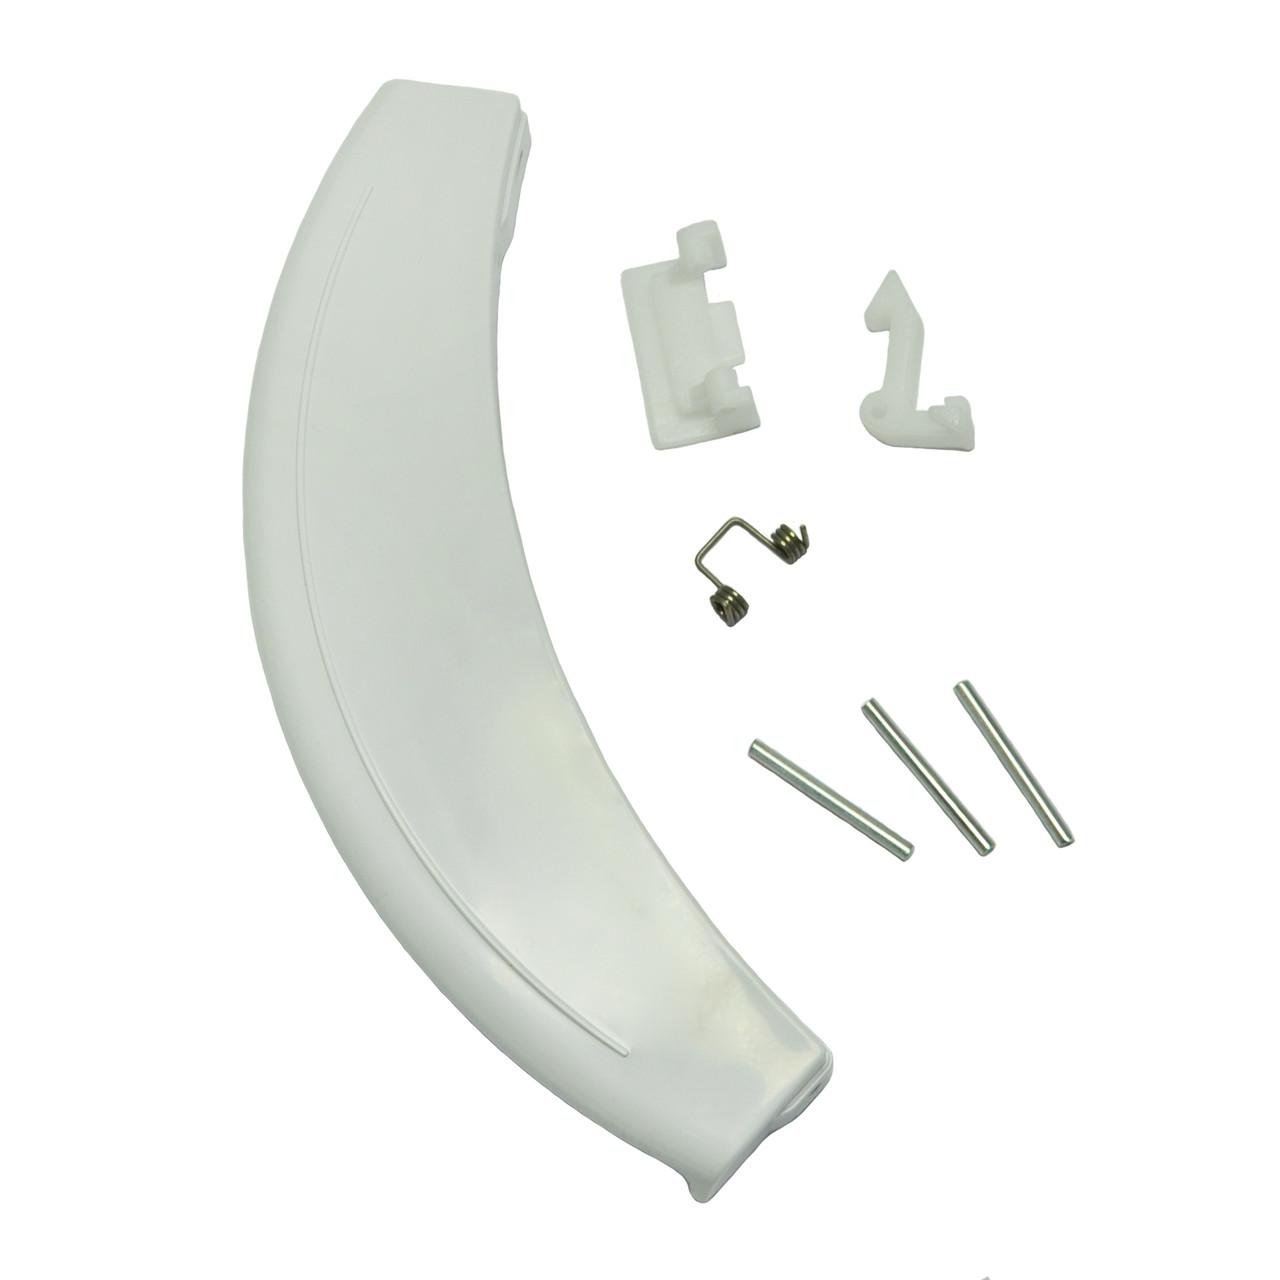 Ручка люка для стиральной машины Bosch MAXX, Siemens 266751